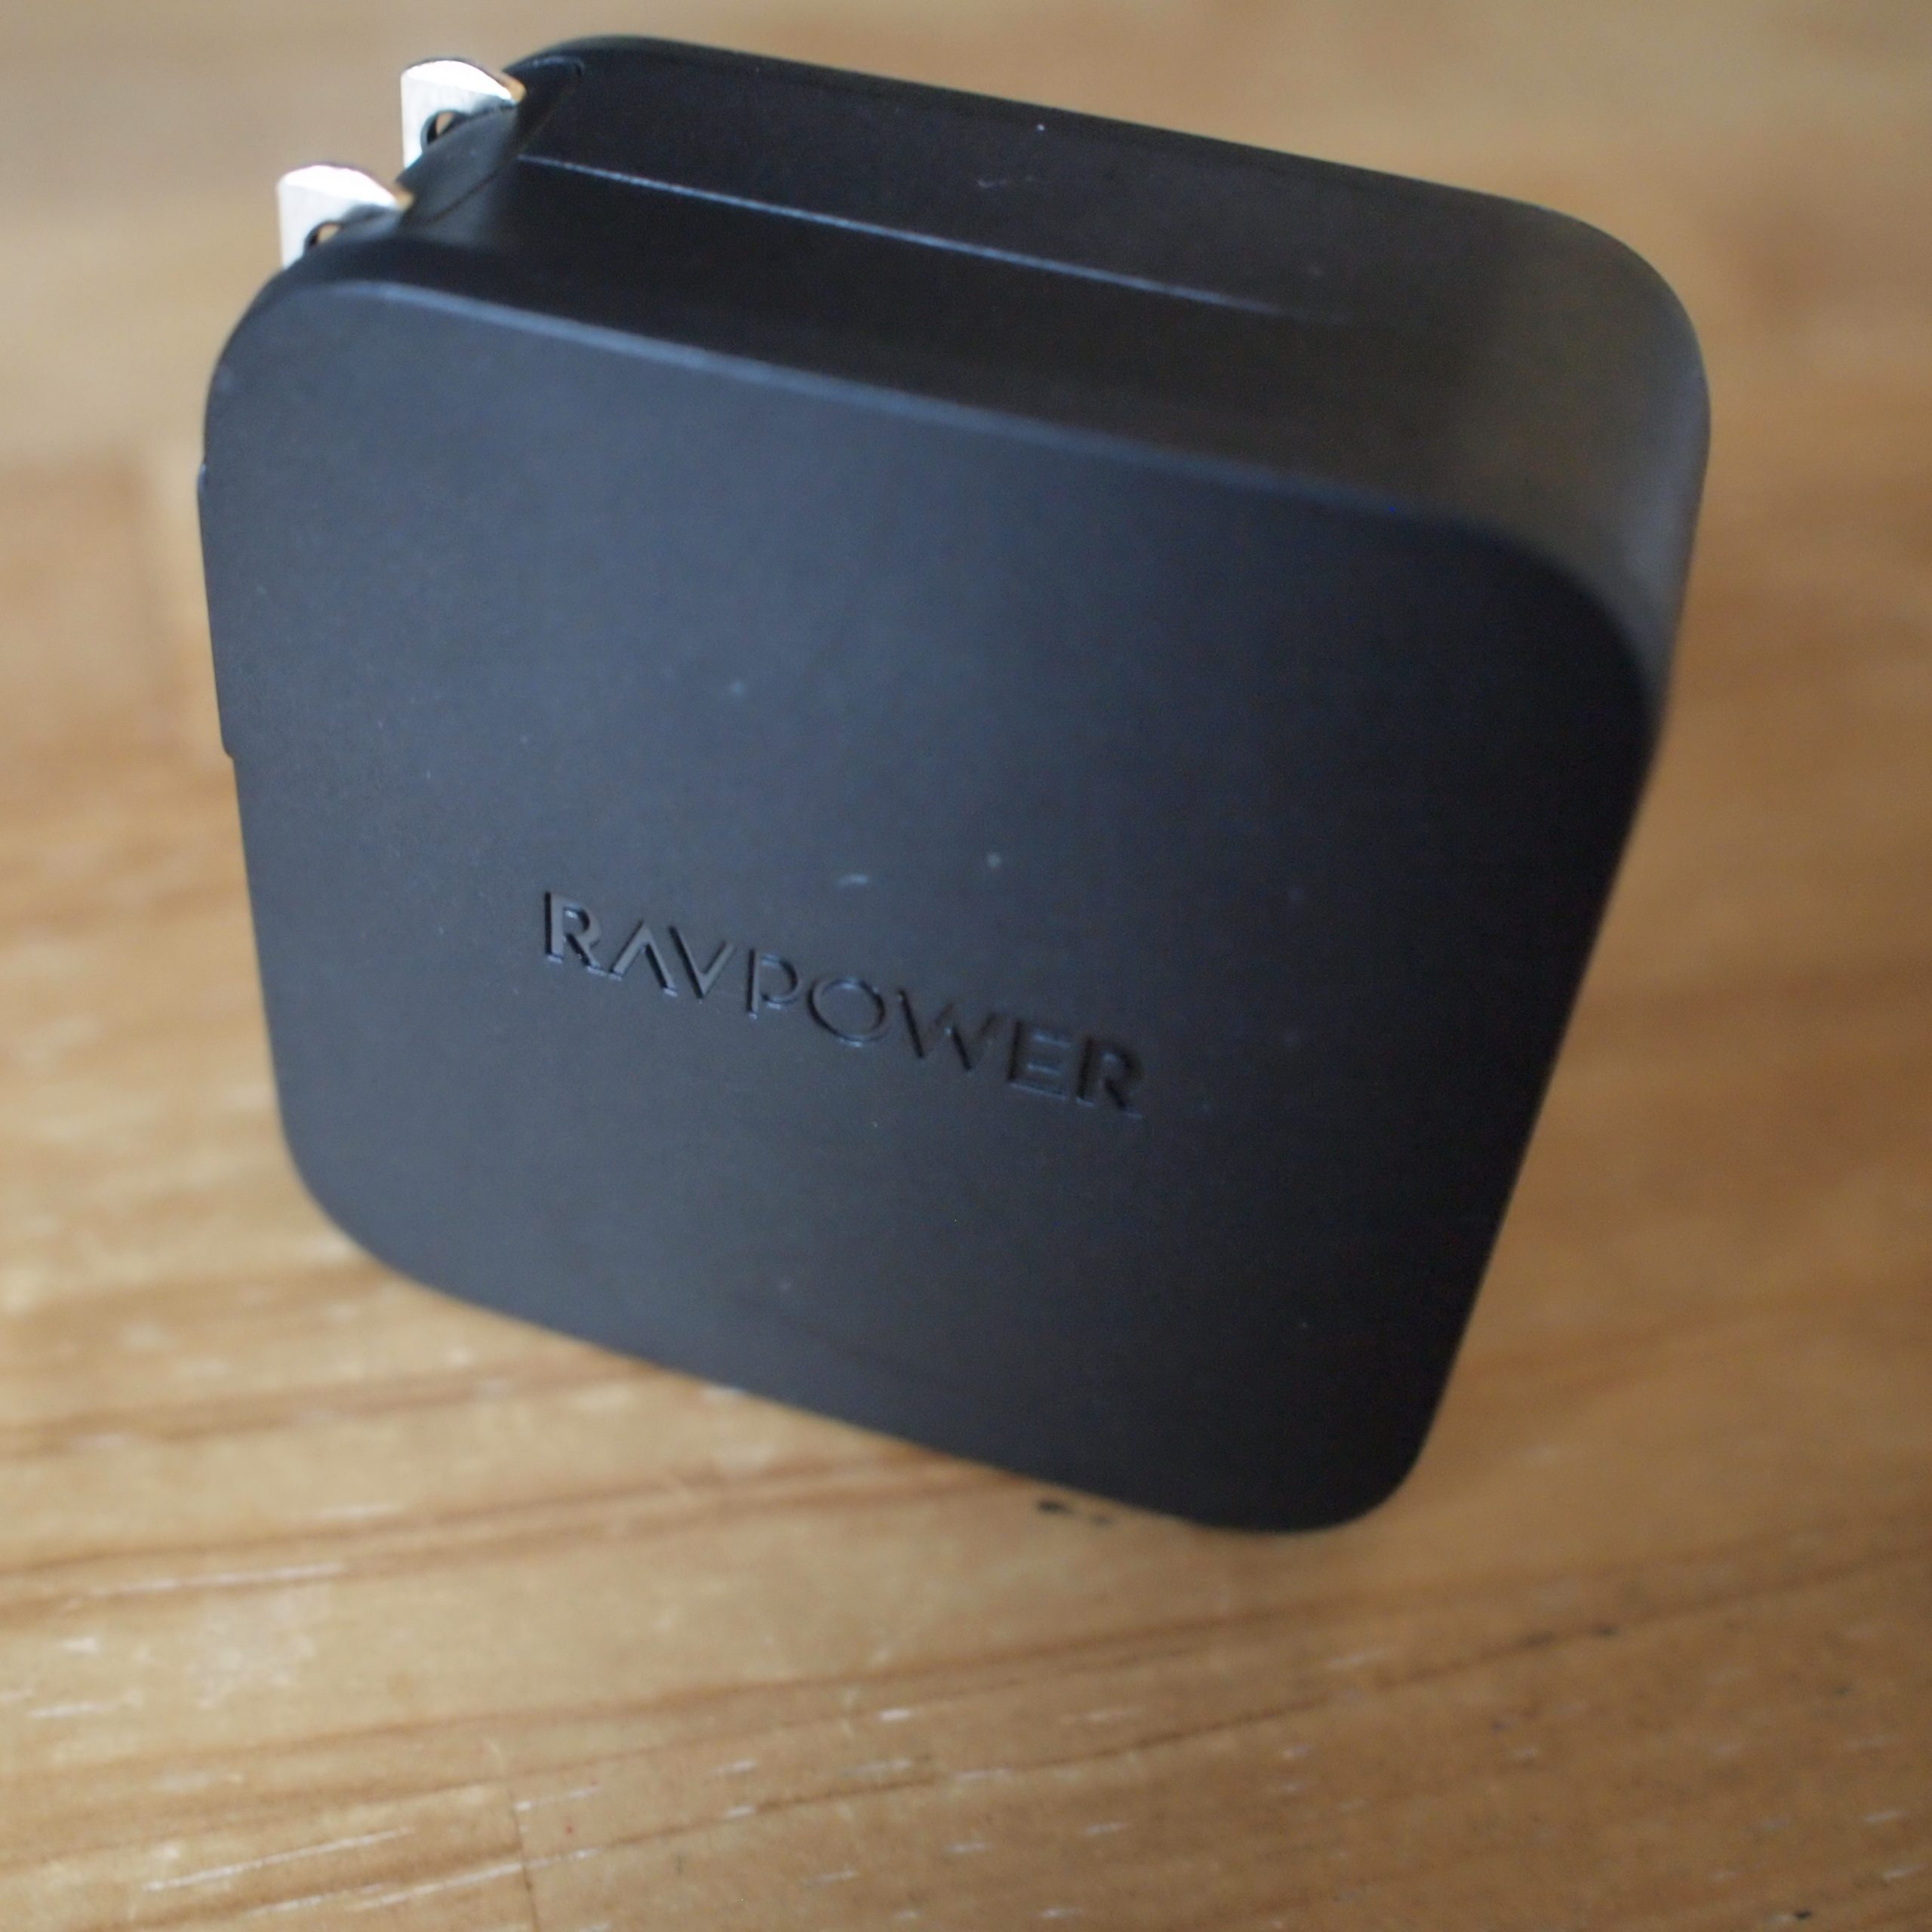 USB-C パワーデリバリー